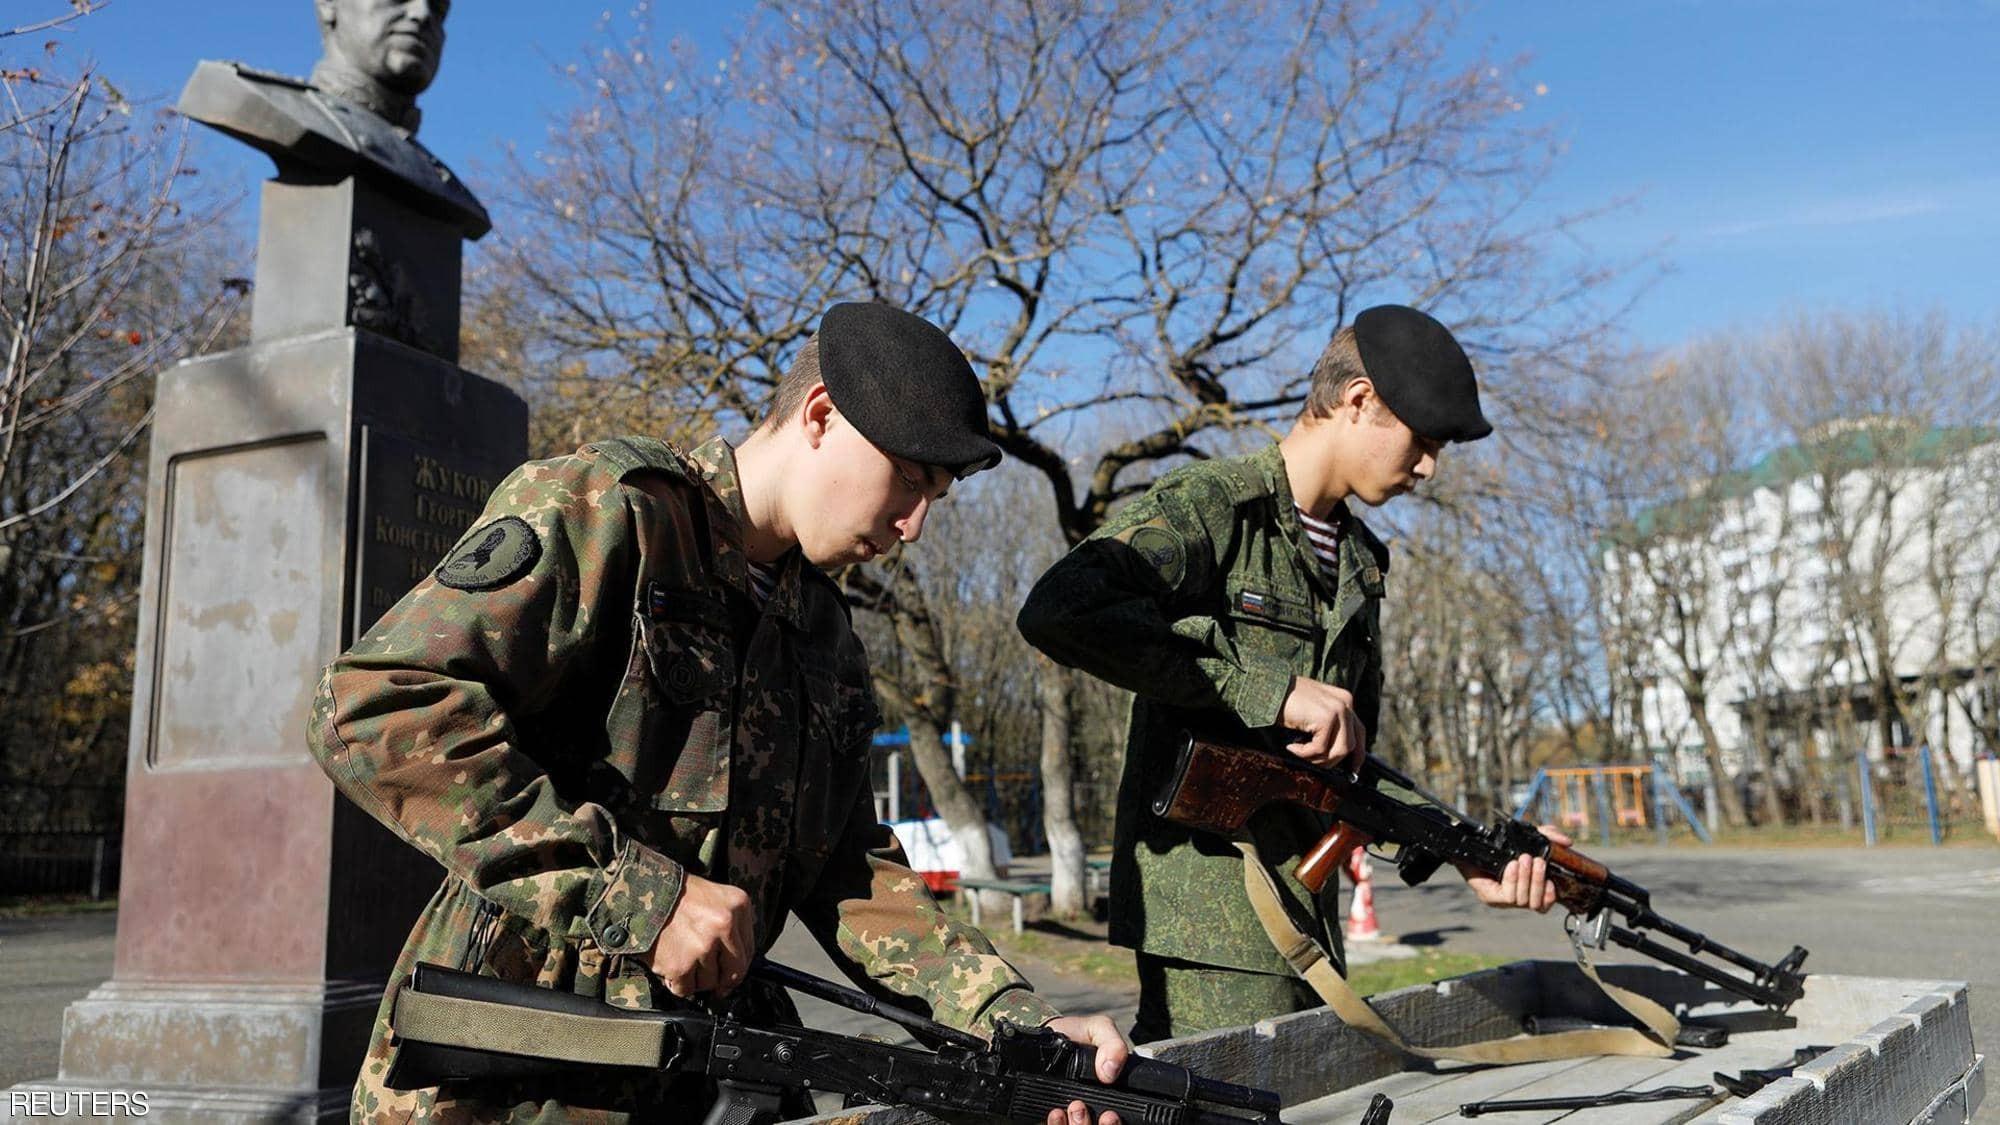 """بالصور: تلاميذ """"روس"""" يتدربون على تجميع """"كلاشينكوف"""" في مئوية مخترعه"""